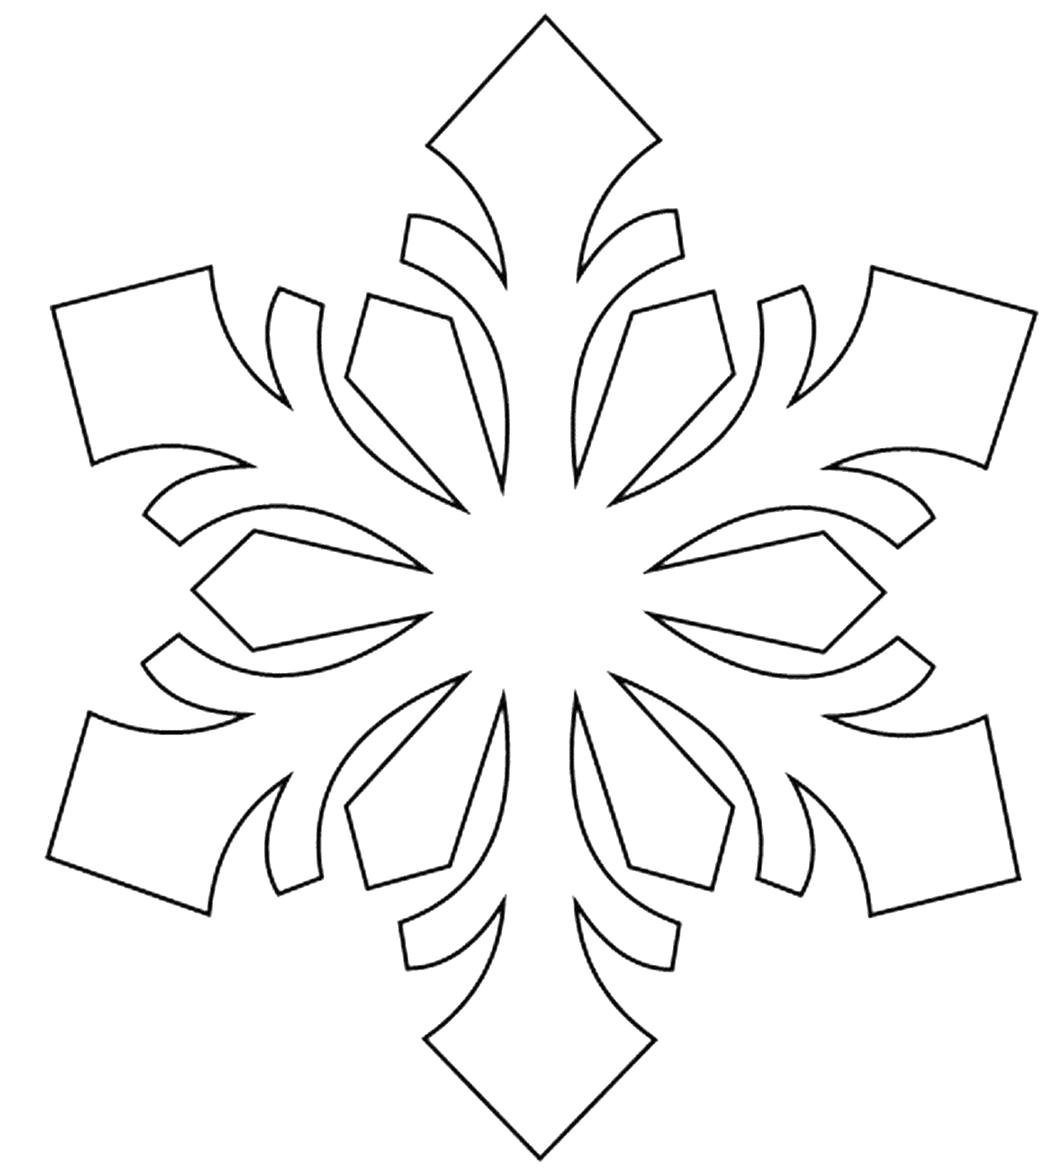 Трафарет снежинки для нового года